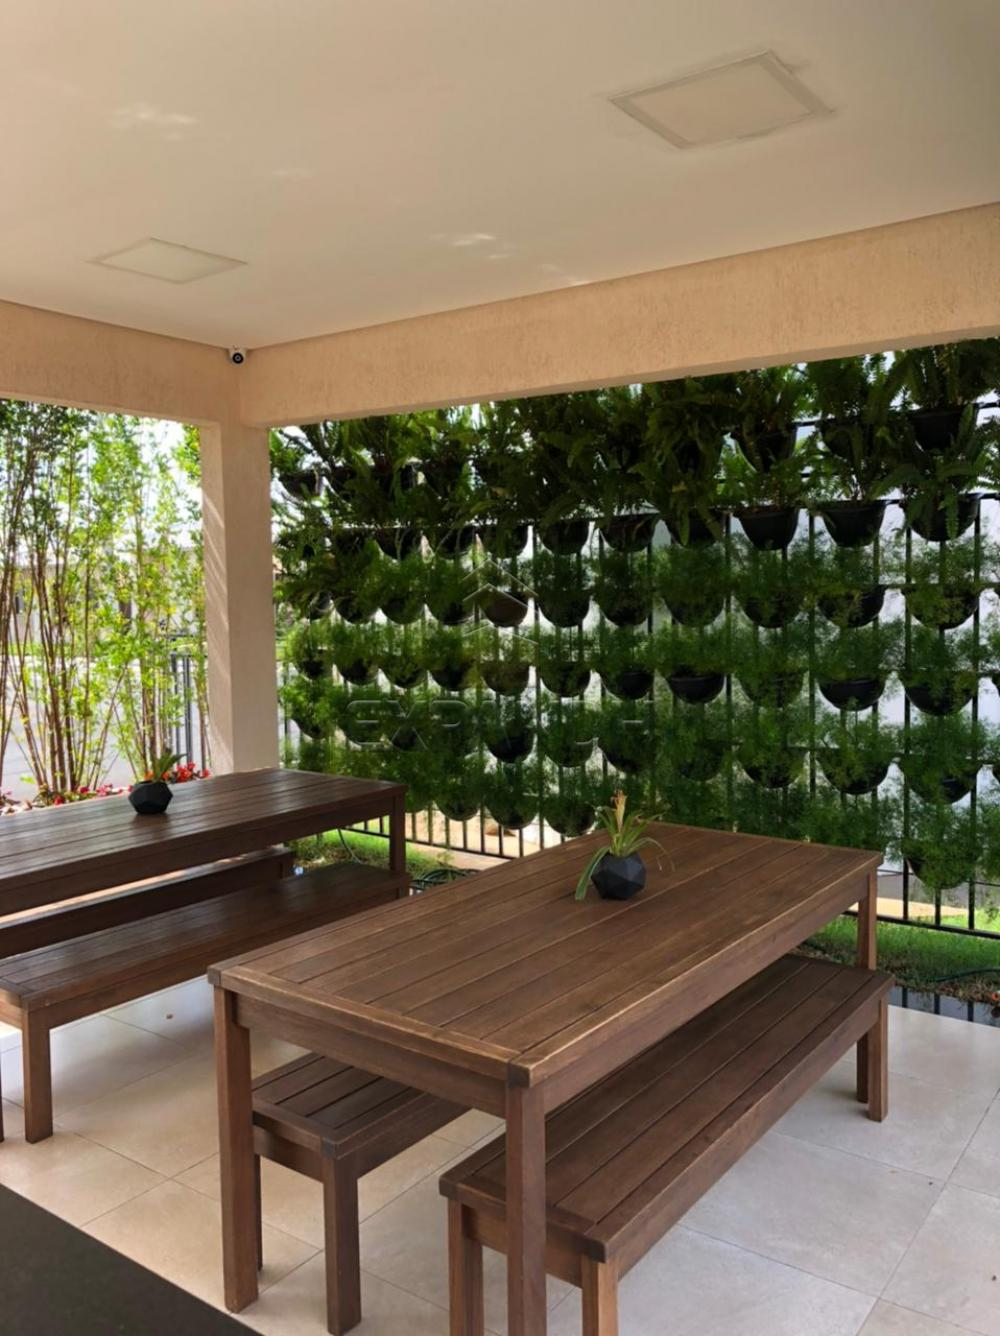 Alugar Casas / Padrão em Sertãozinho R$ 850,00 - Foto 21